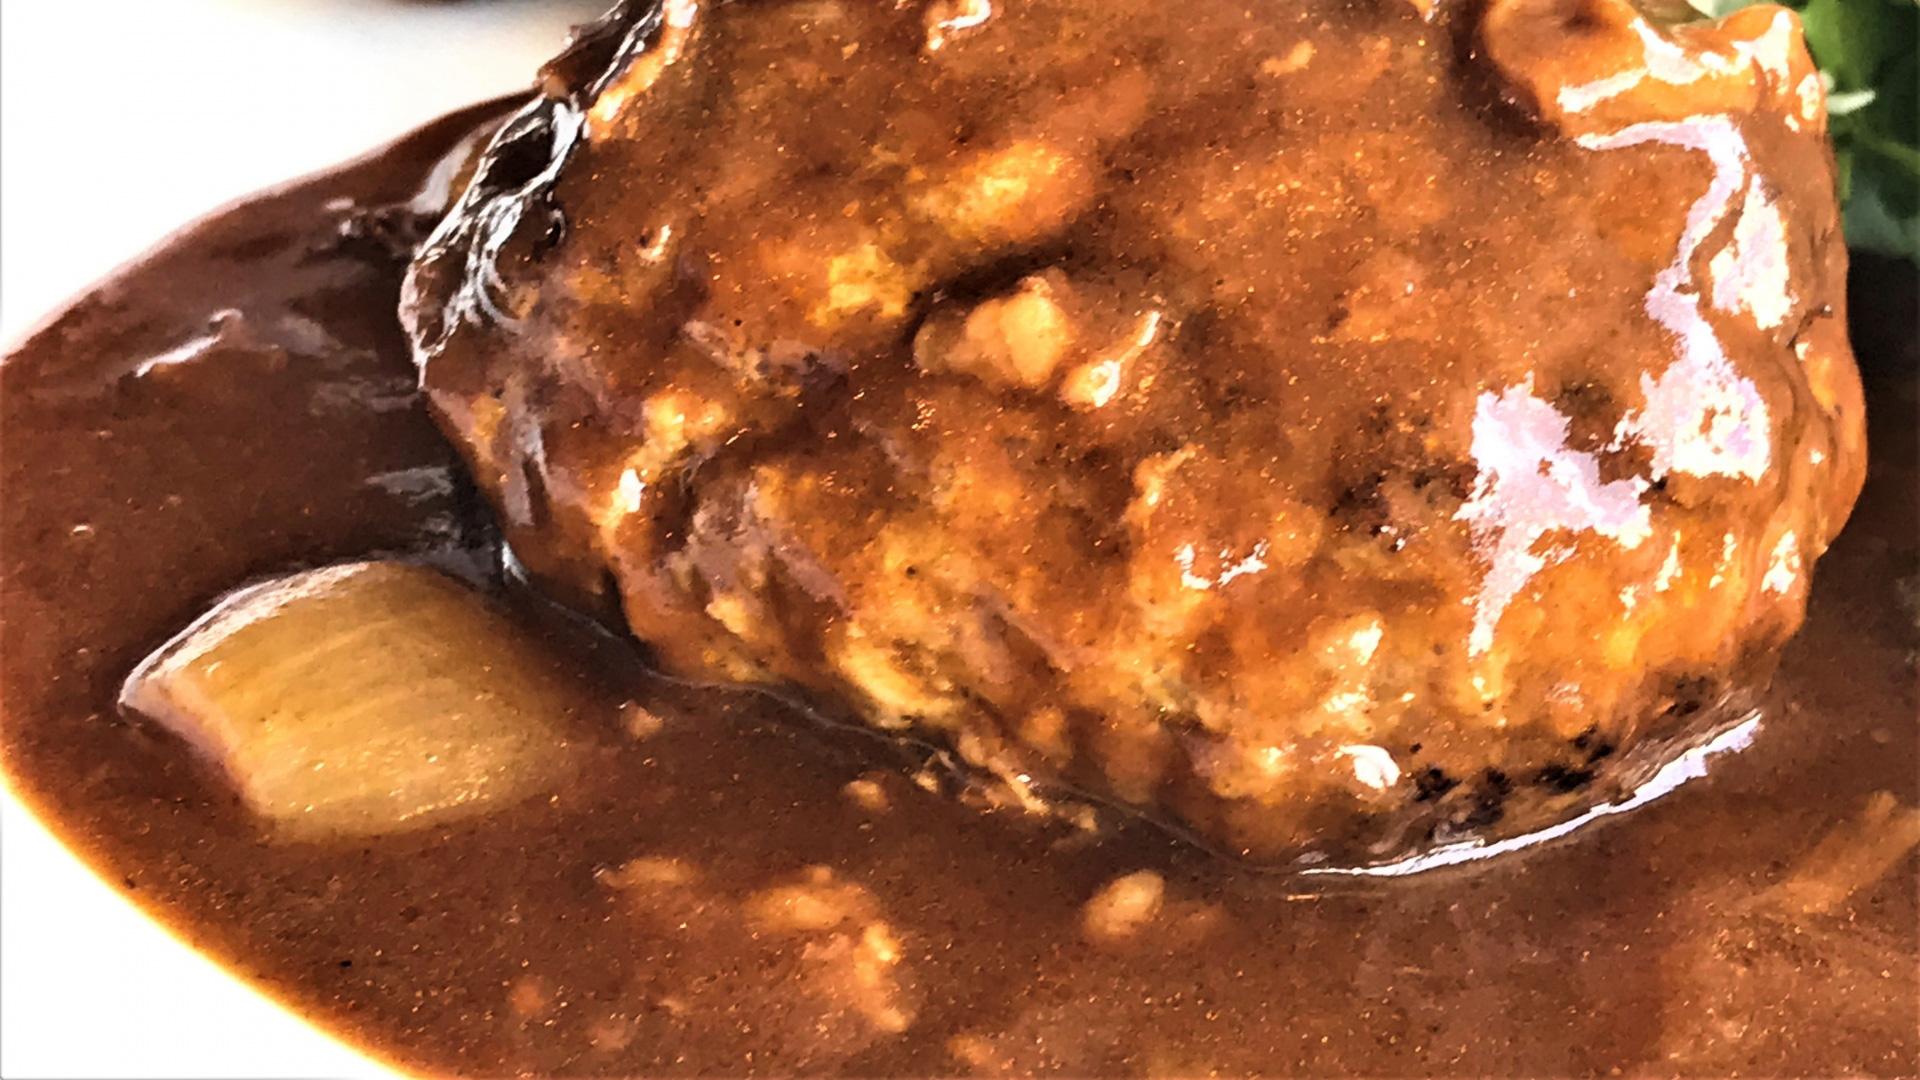 肉の万世秋葉原本店で美味しい肉料理を堪能!アクセスや営業時間は?